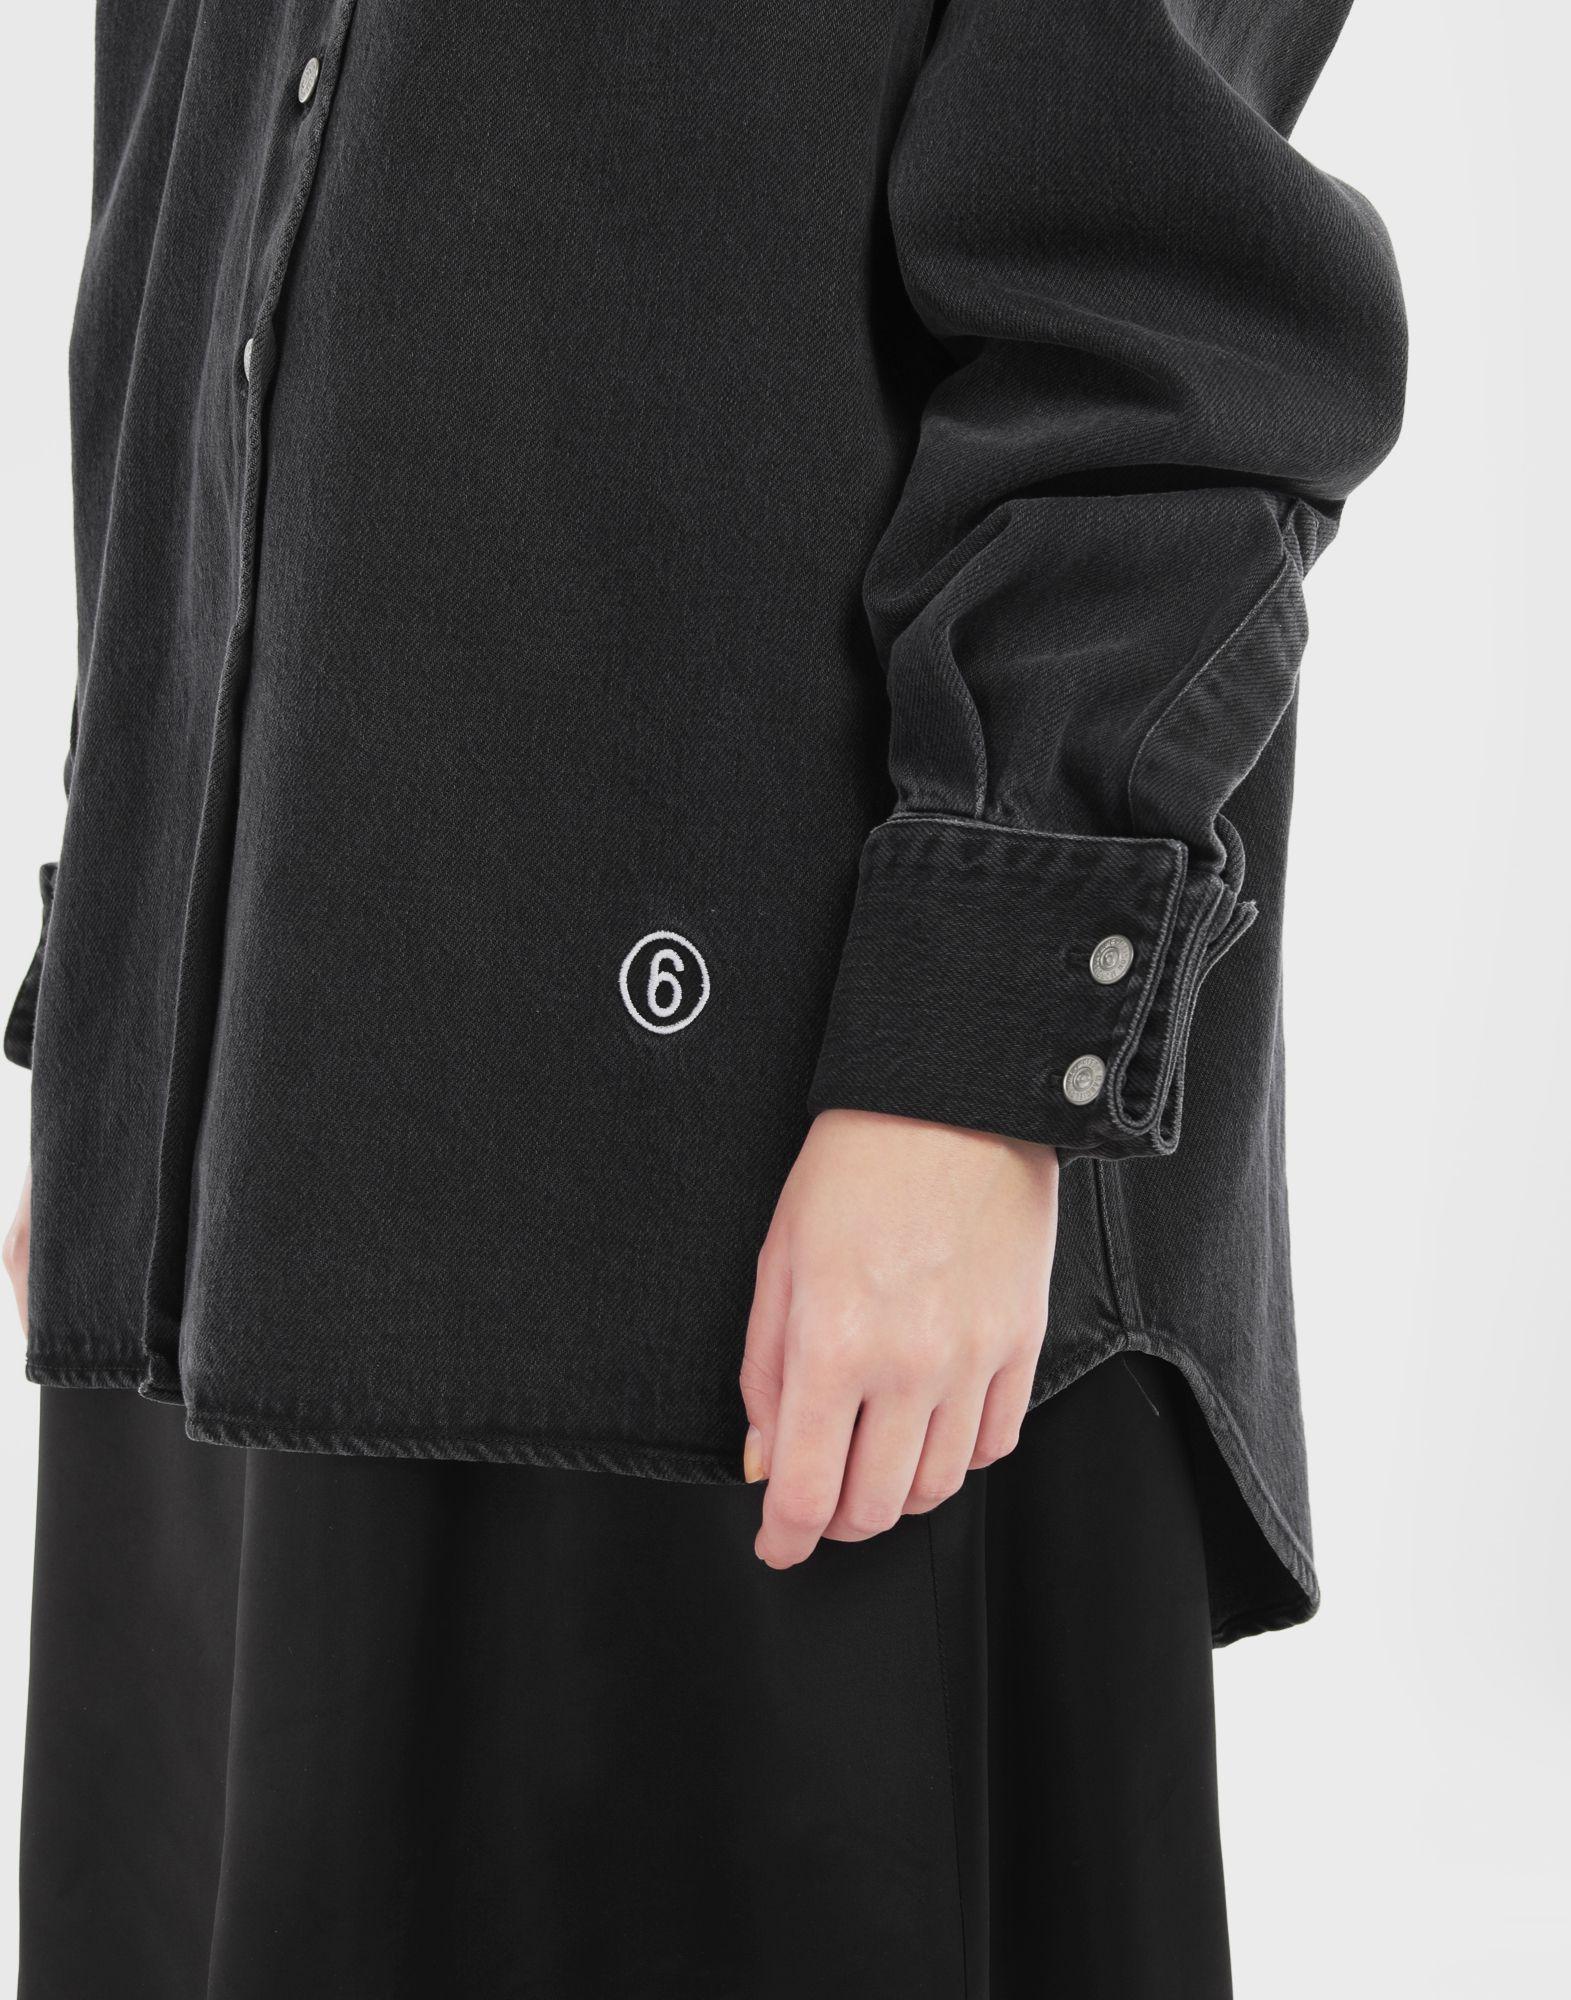 MM6 MAISON MARGIELA Chemisier Spliced multi-wear Vestito Donna a